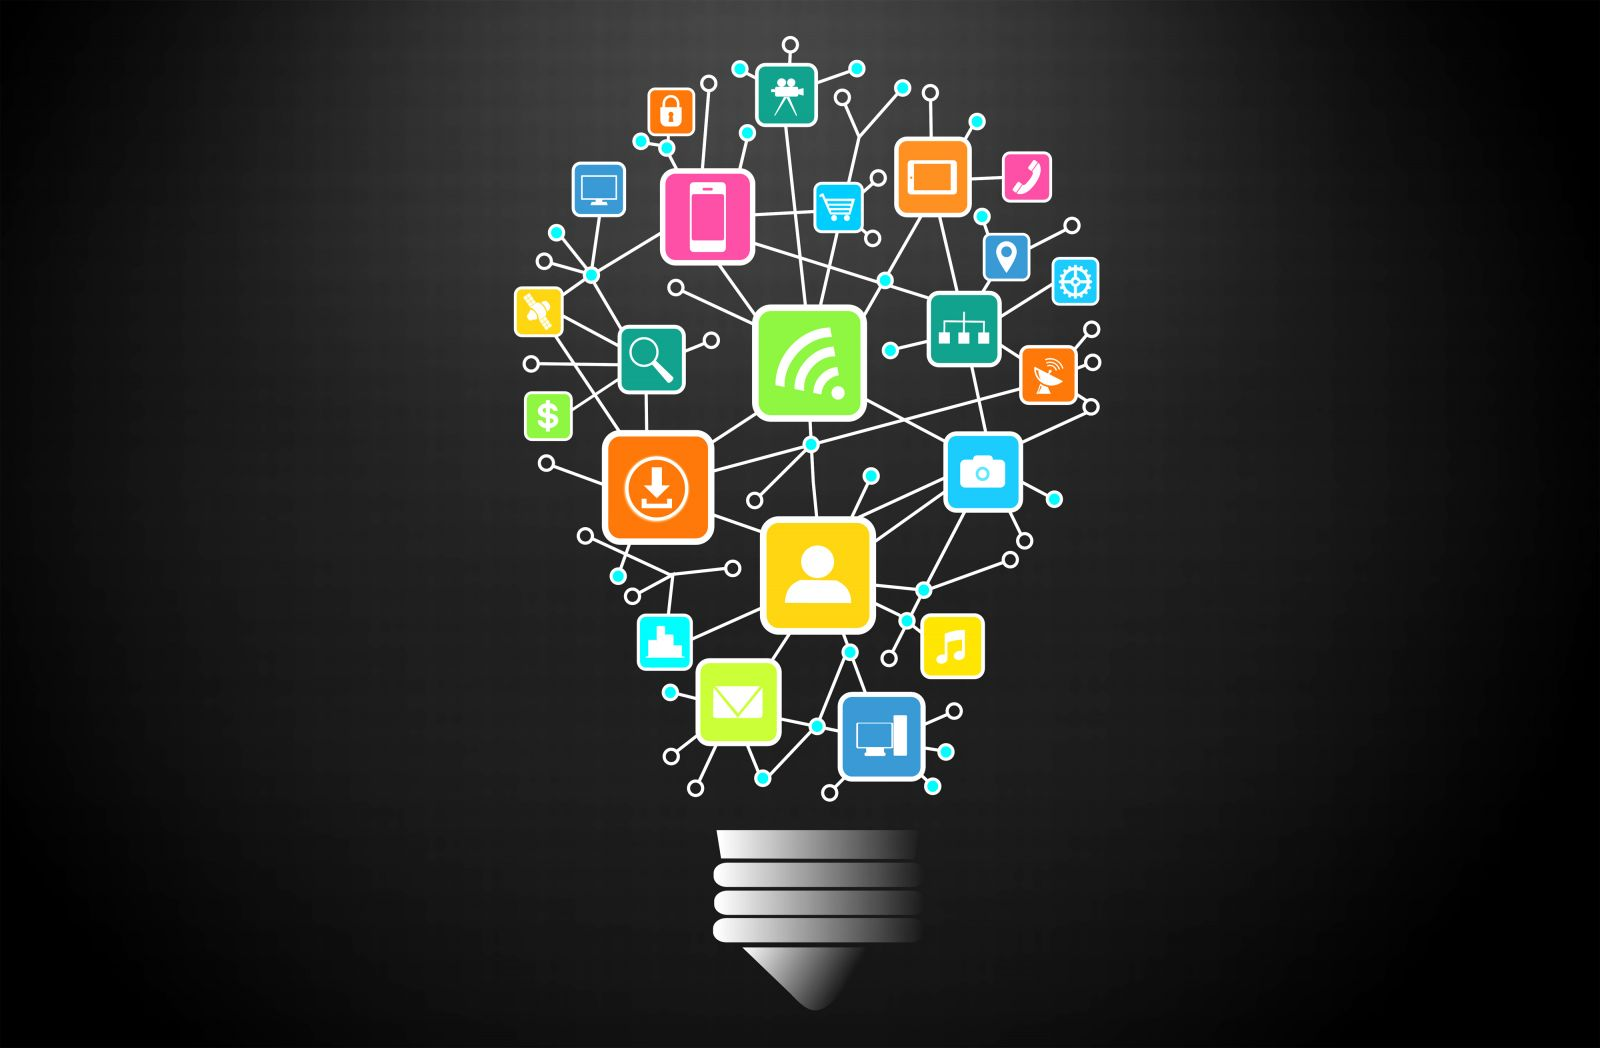 电子商城网站建立高效的内容营销需要掌握的要点